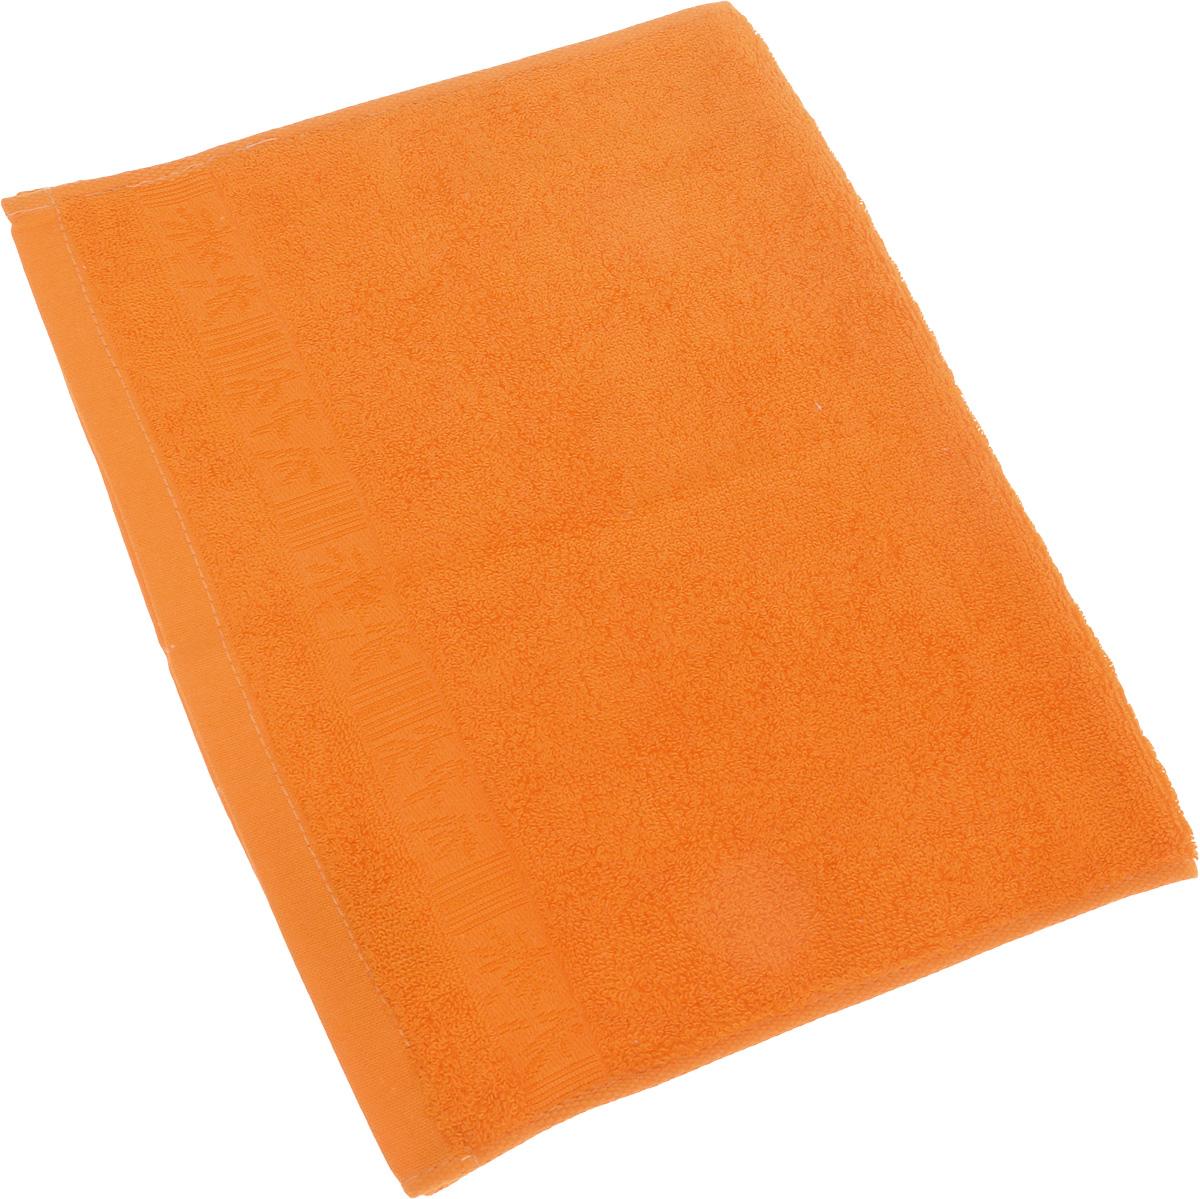 Полотенце Soavita Sofia, цвет: оранжевый, 70 х 140 см64112Полотенце Soavita Sofia выполнено из 100% бамбукового волокна. Изделие отлично впитывает влагу, быстро сохнет, сохраняет яркость цвета и не теряет форму даже после многократных стирок. Полотенце очень практично и неприхотливо в уходе. Оно создаст прекрасное настроение и украсит интерьер в ванной комнате.